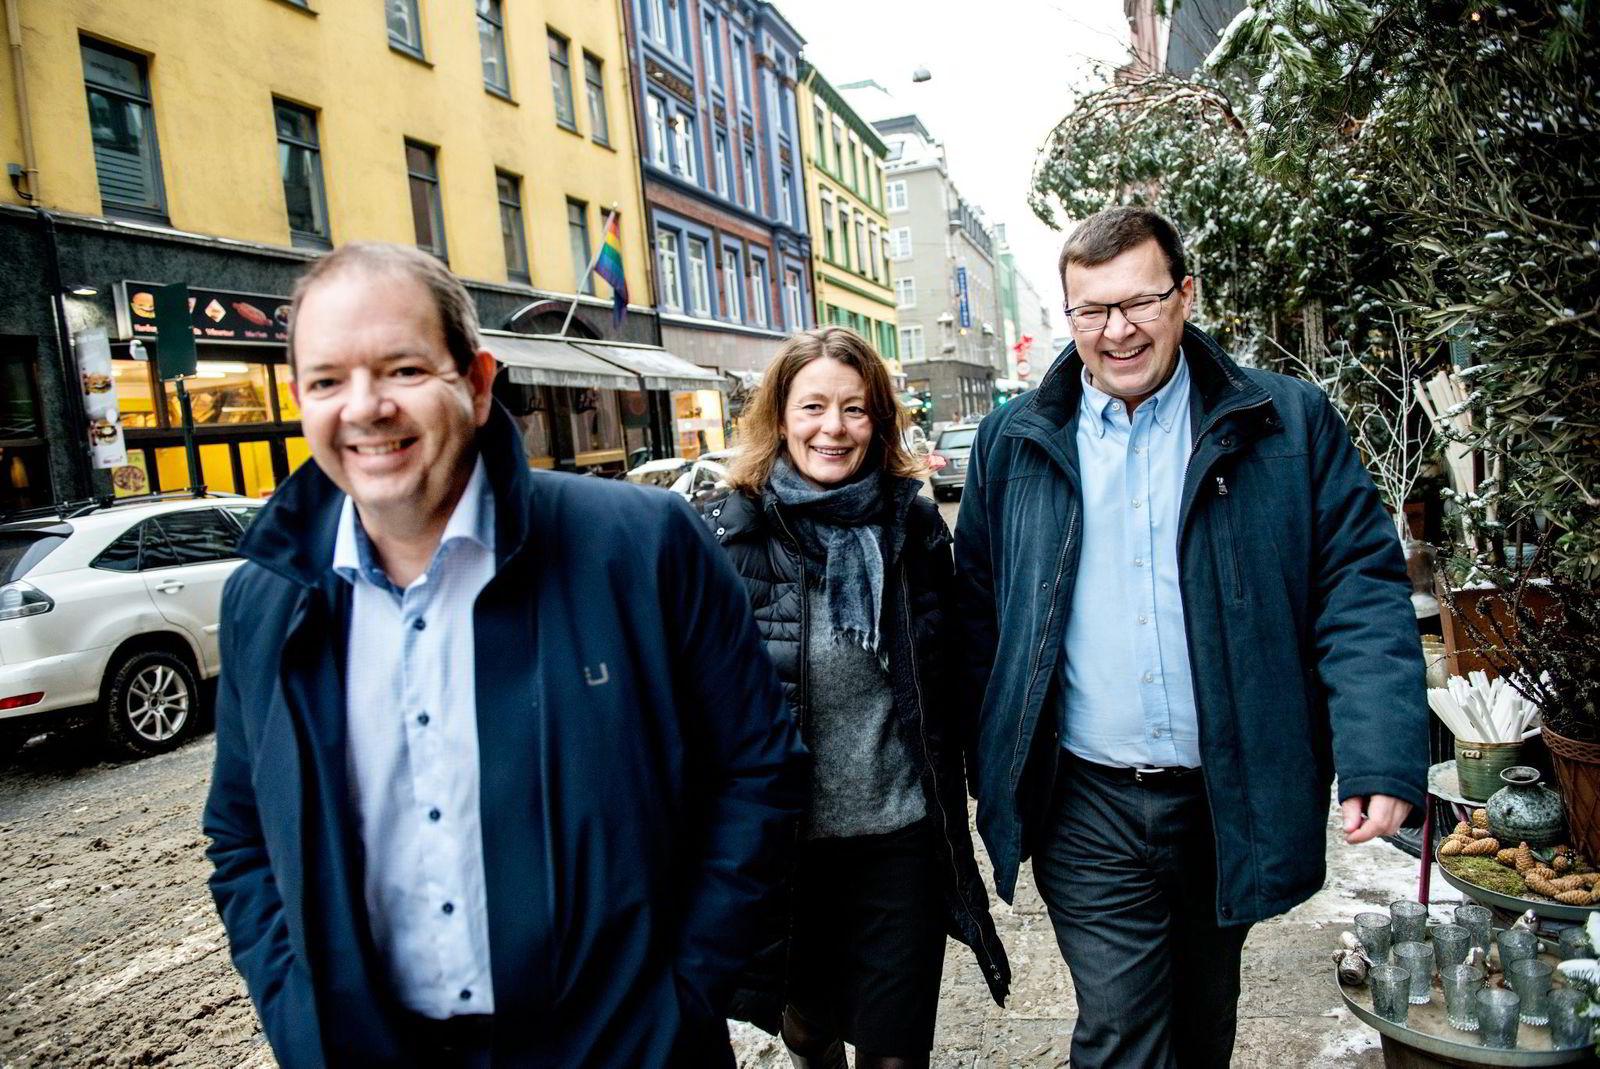 Gründer og daglig leder Christian Mide (til venstre) og markedsdirektør Jan Arne Jakobsen har hentet 89 millioner i en fersk emisjon. Her med daglig leder i Oslo Medtech, Kathrine Myhre. Foto: Klaudia Lech